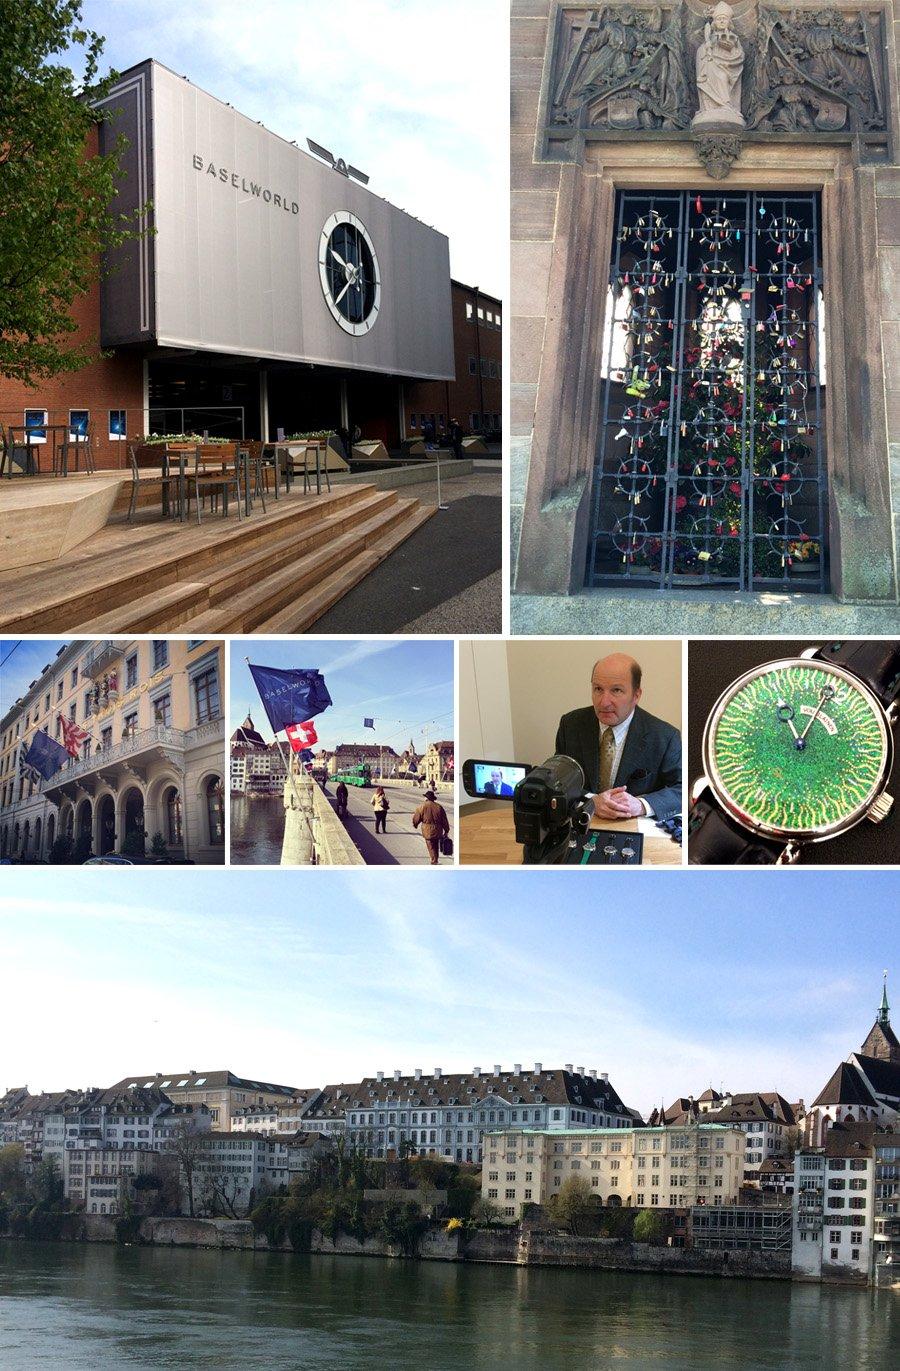 Salon mondial de l 39 horlogerie et de la bijouterie bale - Salon de l horlogerie ...